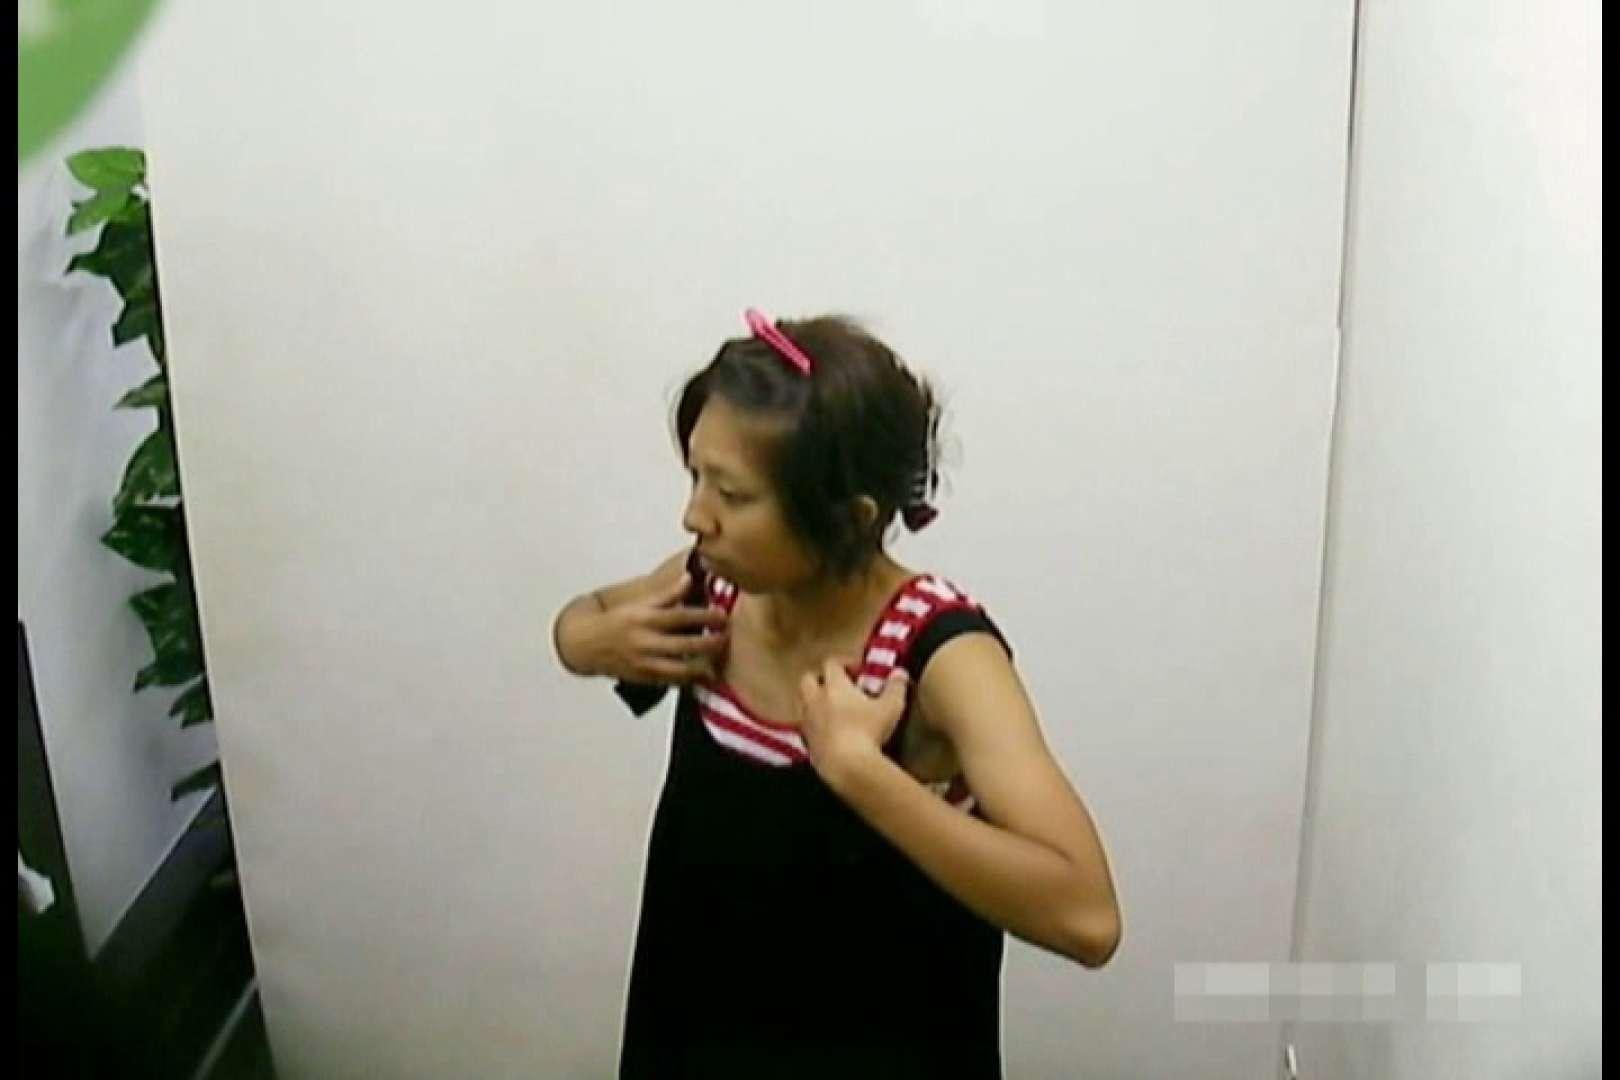 素人撮影 下着だけの撮影のはずが・・・エミちゃん18歳 特撮オマンコ  105連発 8